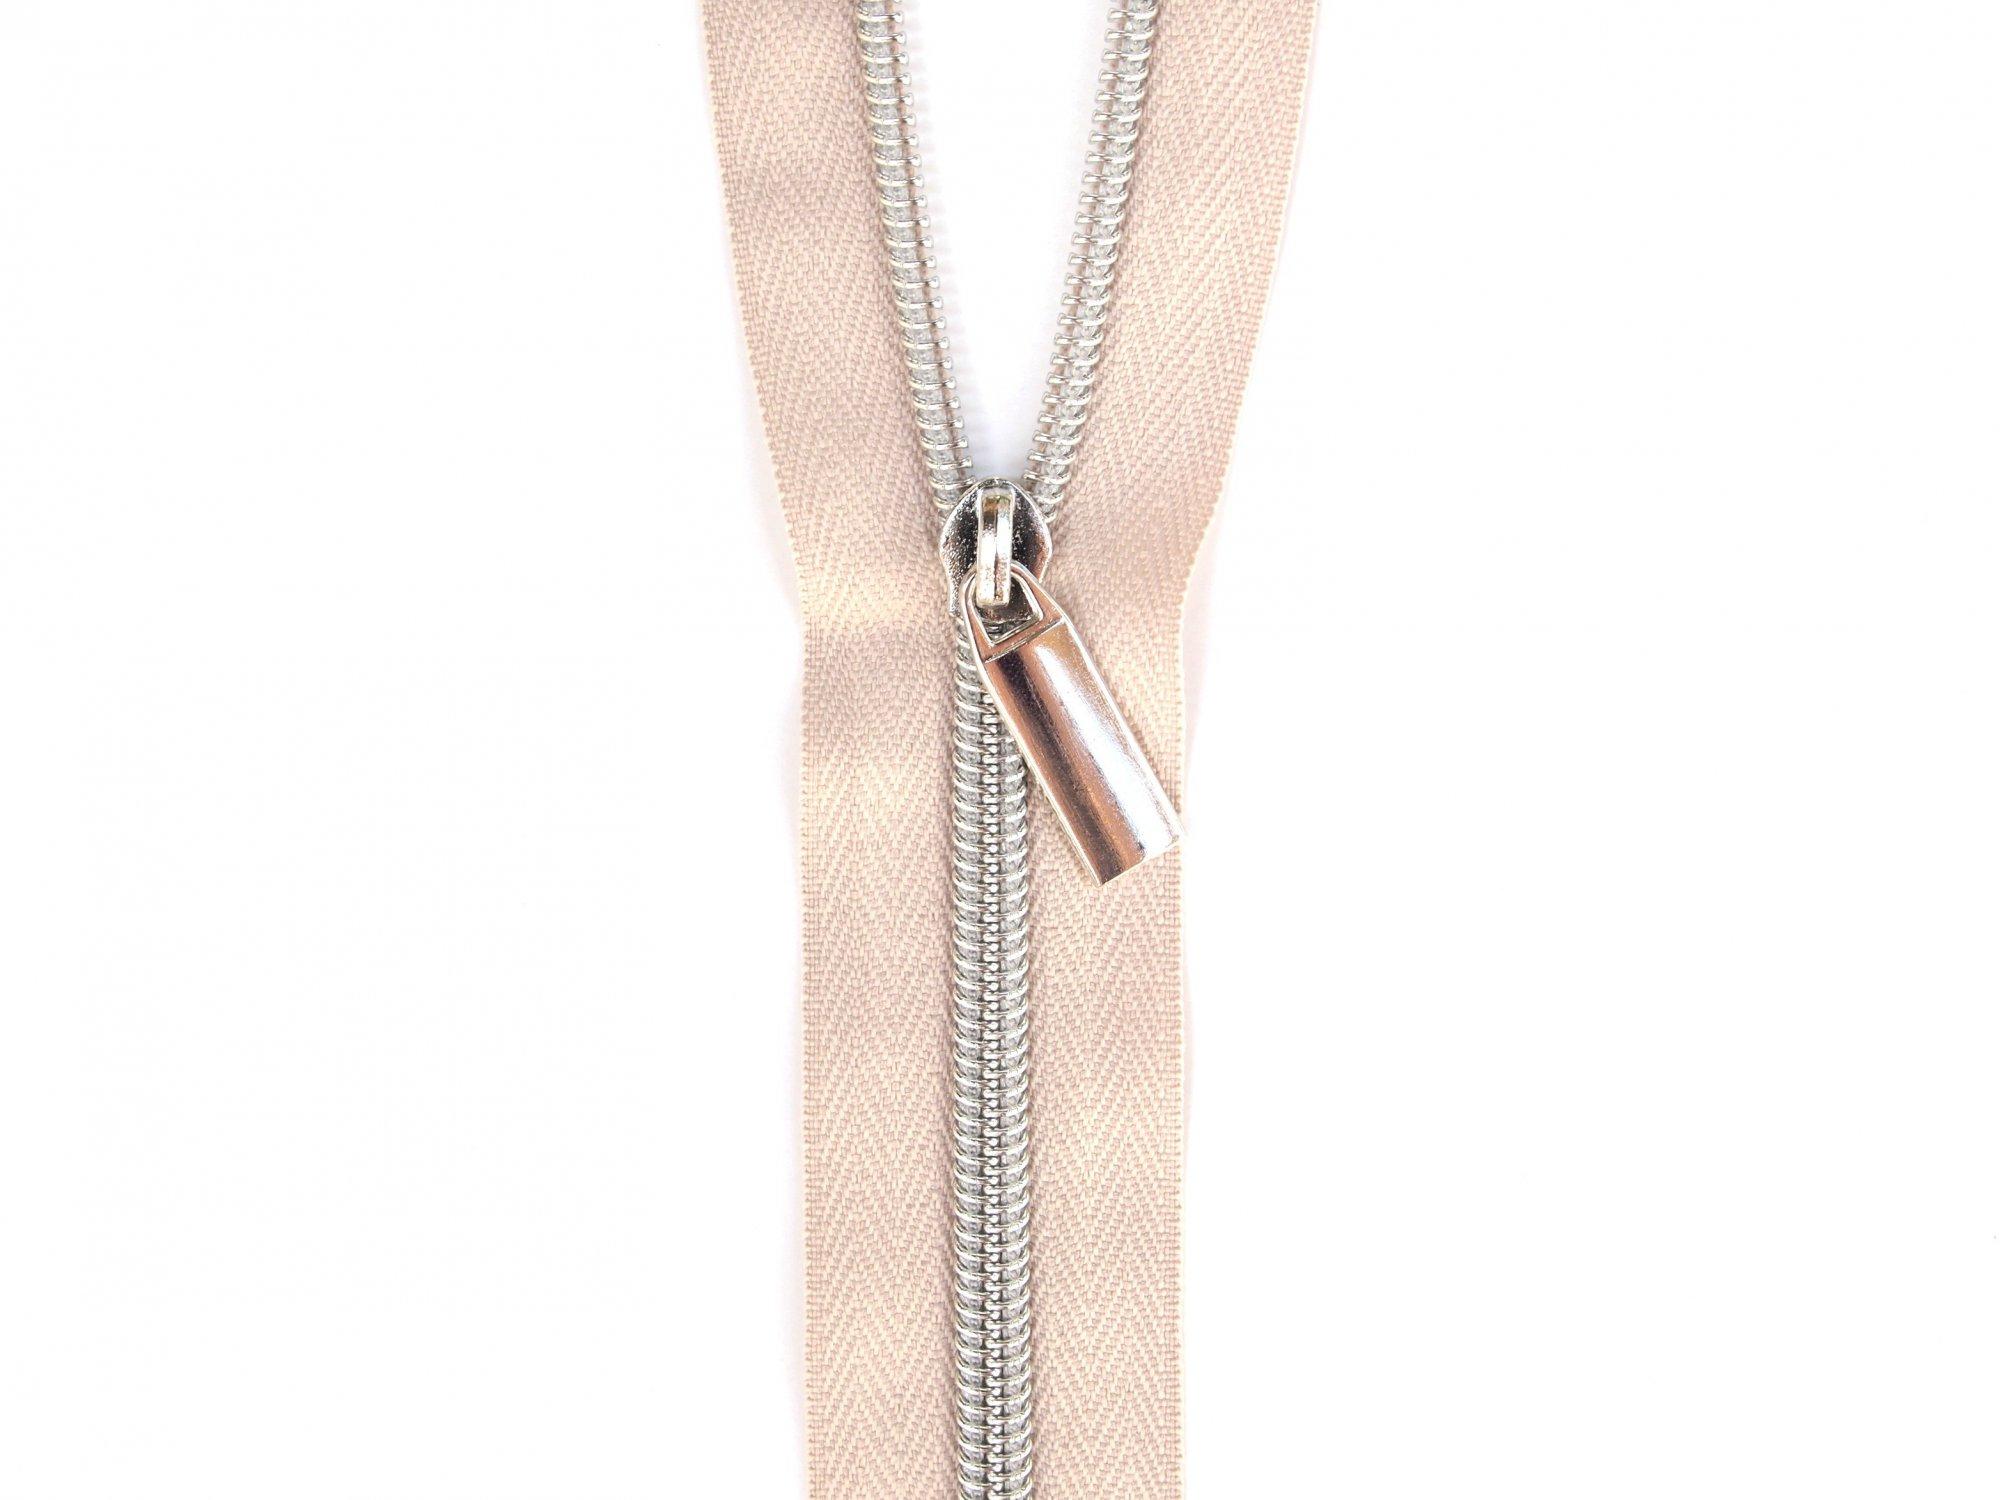 Zipper Tape - Beige Tape & Silver Zipper